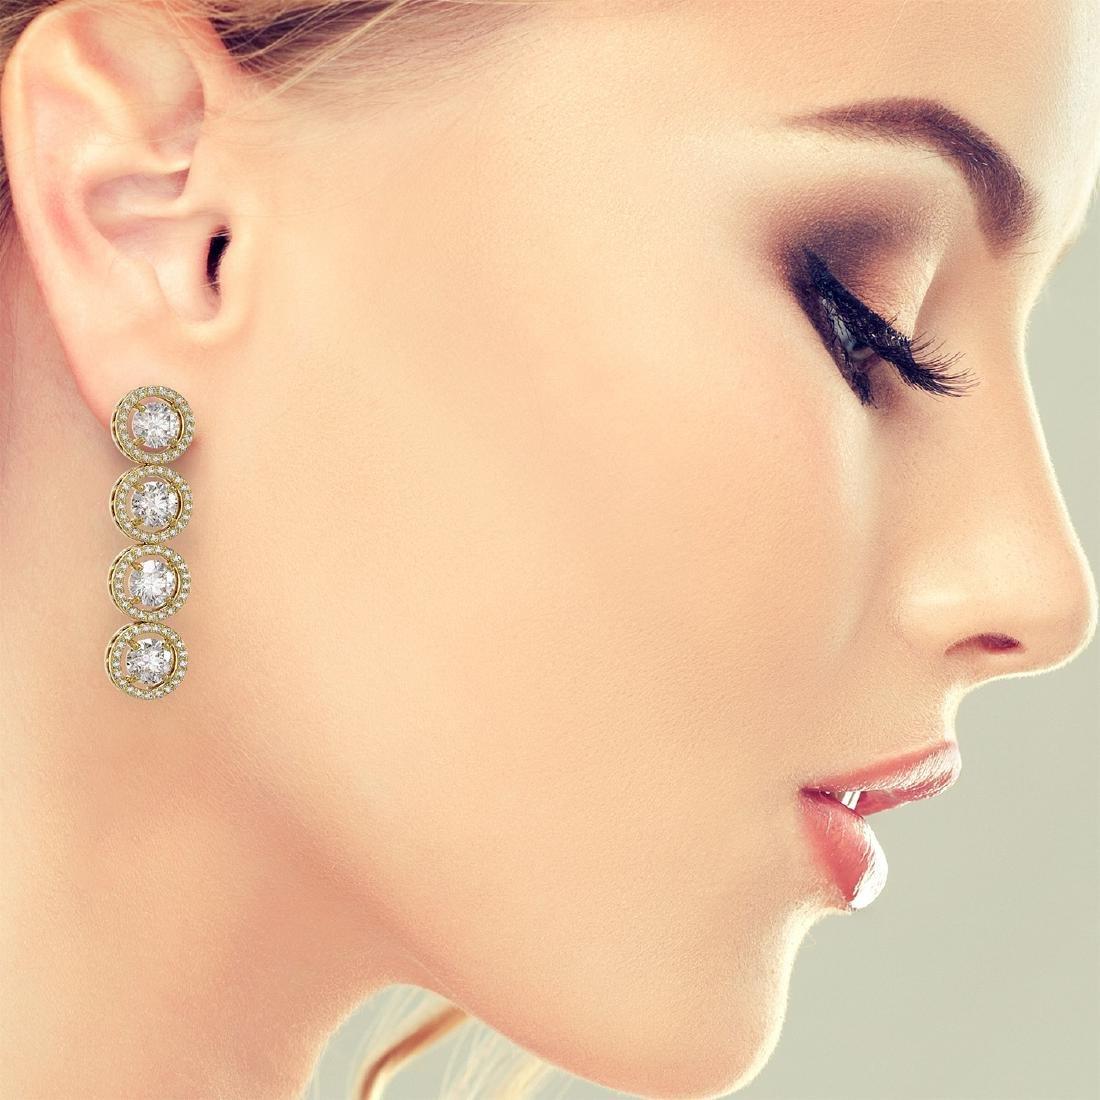 6.14 CTW Diamond Designer Earrings 18K Yellow Gold - 3